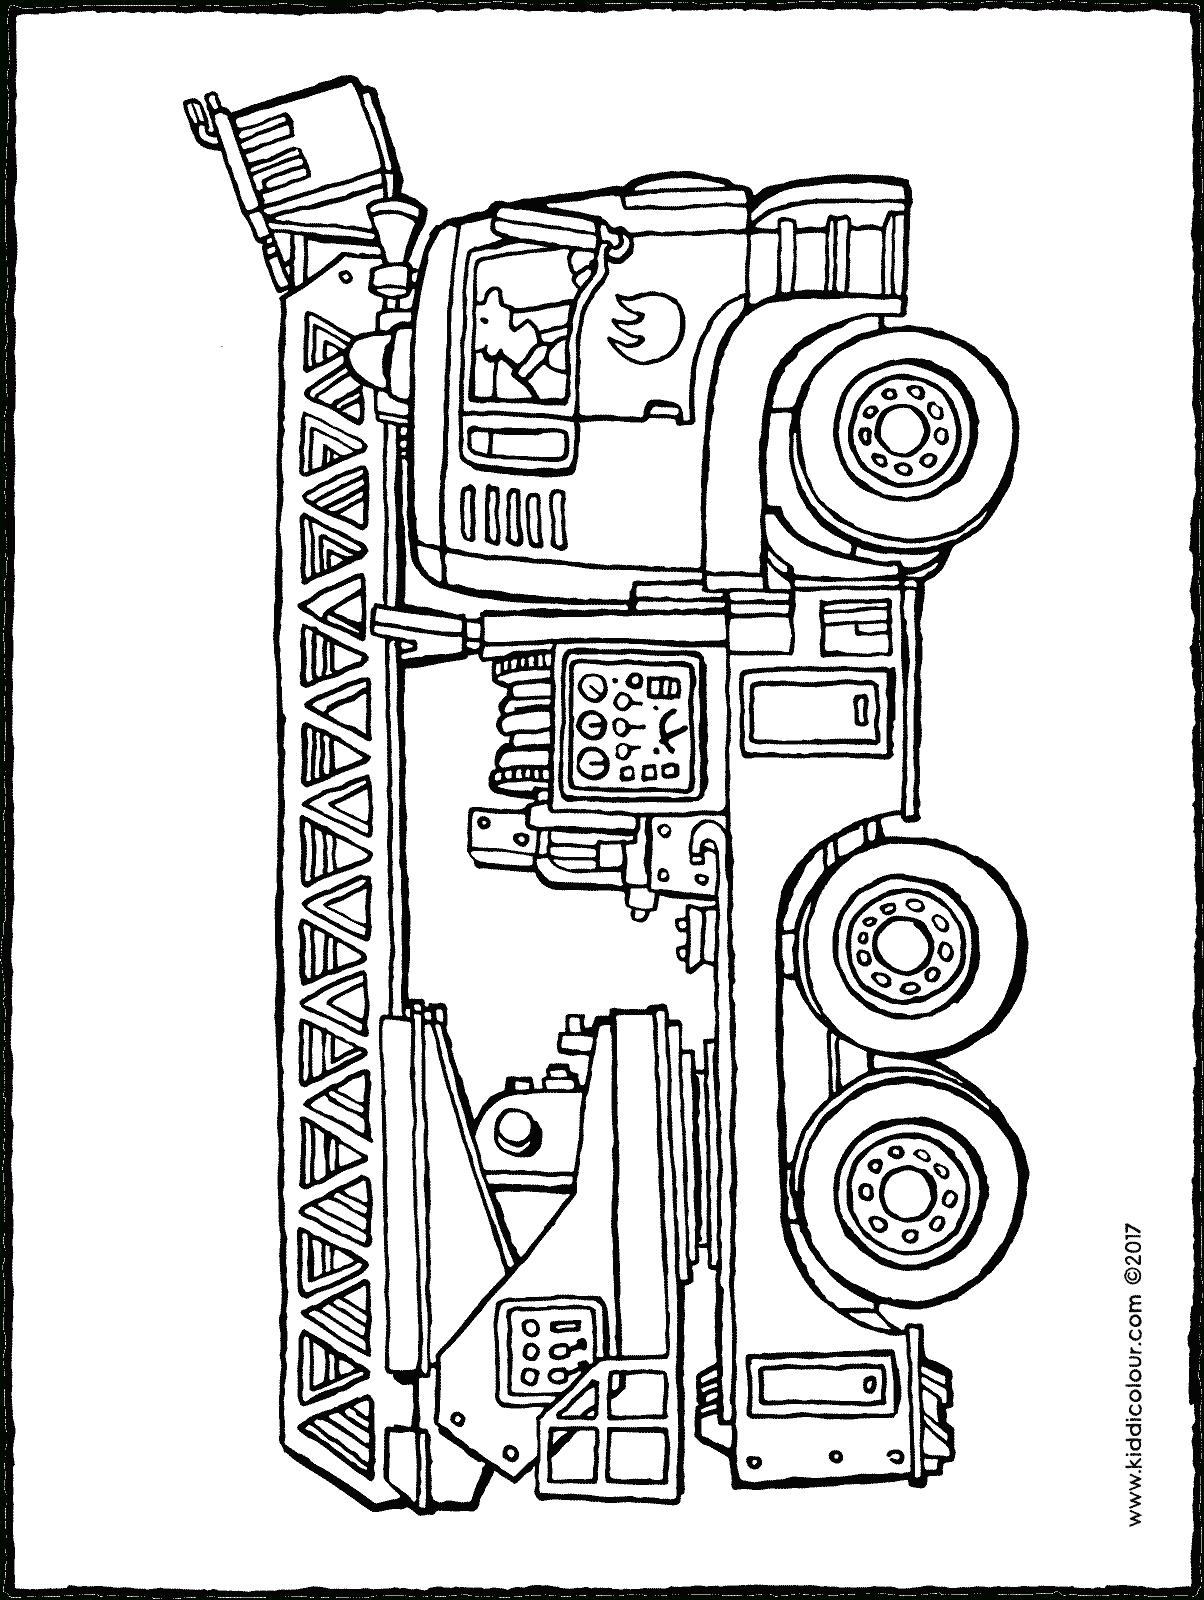 Feuerwehrauto - Kiddimalseite verwandt mit Feuerwehrauto Zum Ausmalen